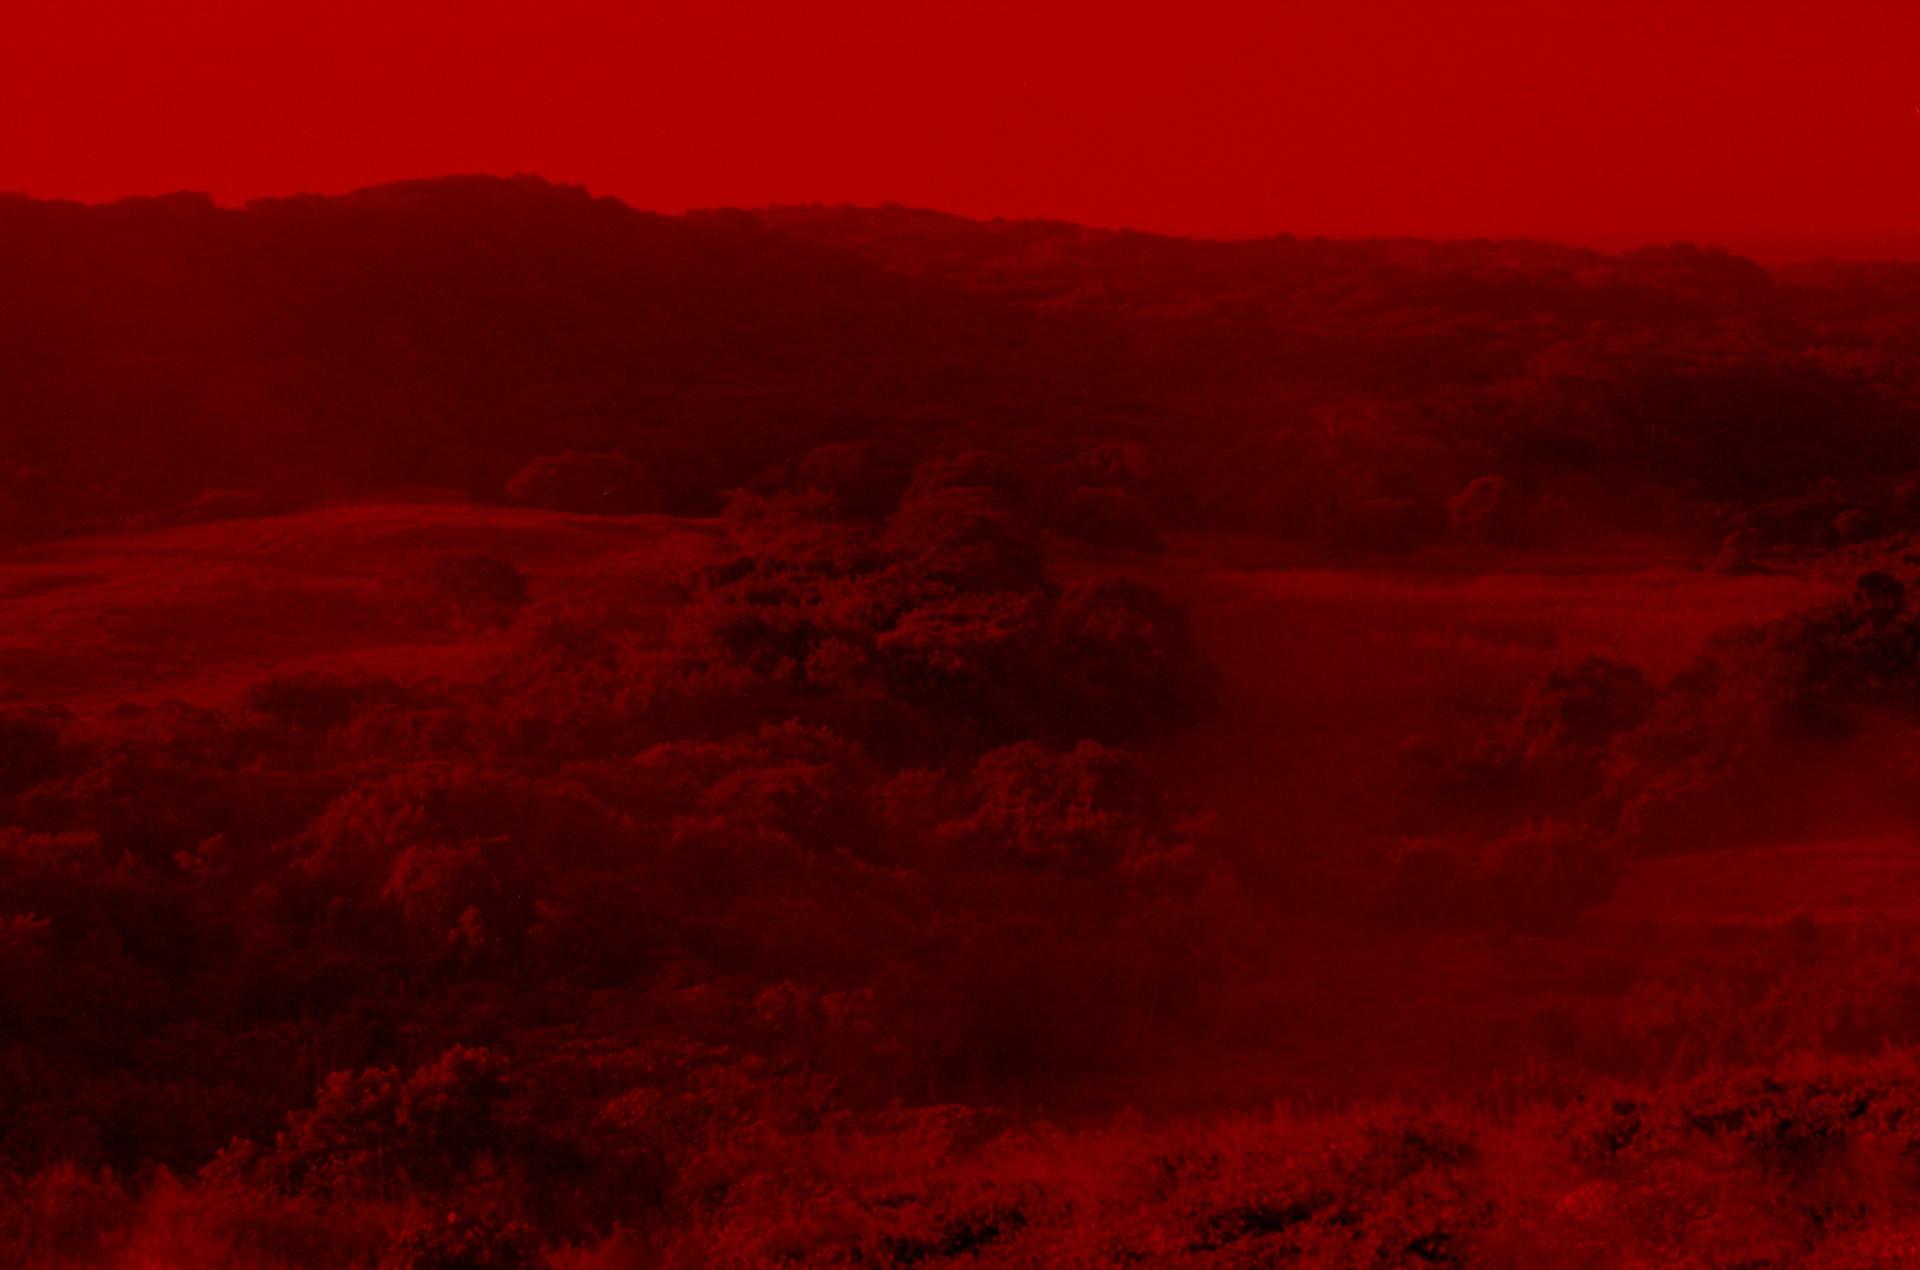 Fotó: Koleszár Adél:  A veracruzi tömegsír látképe, részlet Az erőszak sebei című sorozatból